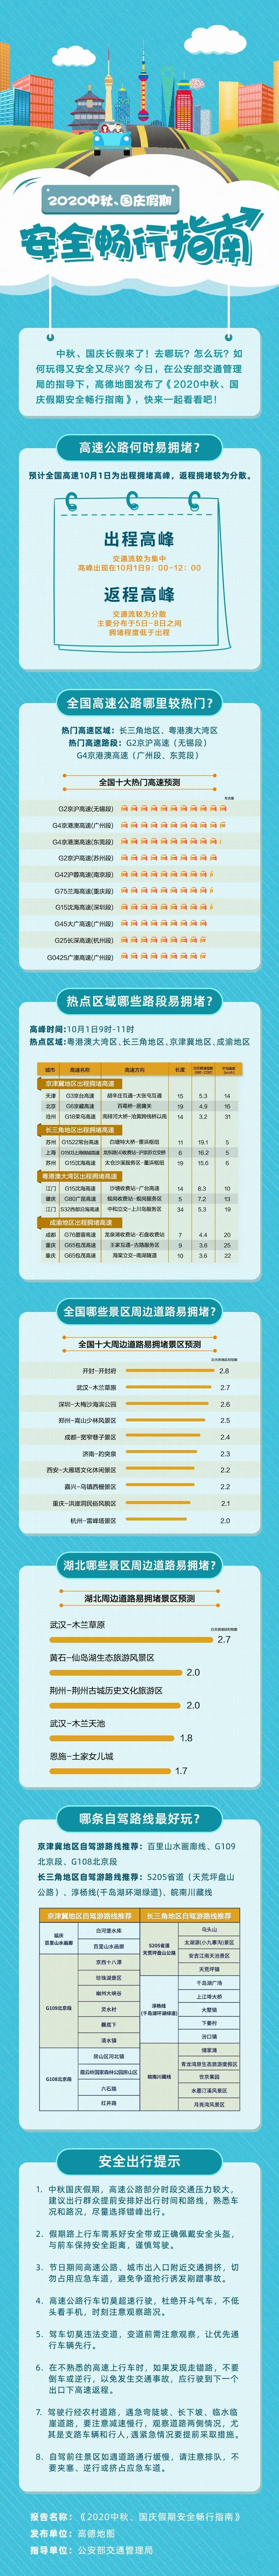 公安部交管局指导发布2020中秋、国庆假期安全畅行指南图片